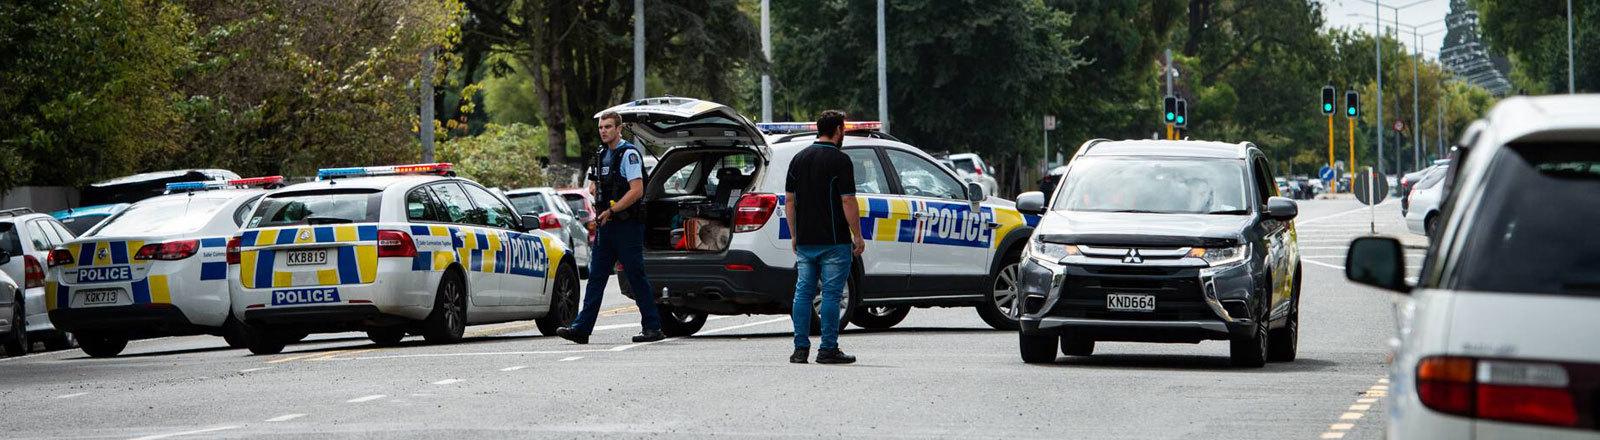 Polizei in der Stadt Christchurch in Neuseeland sperrt eine Straße. Nach Terror-Angriffen auf Moscheen gab es mehr als 40 Tote.